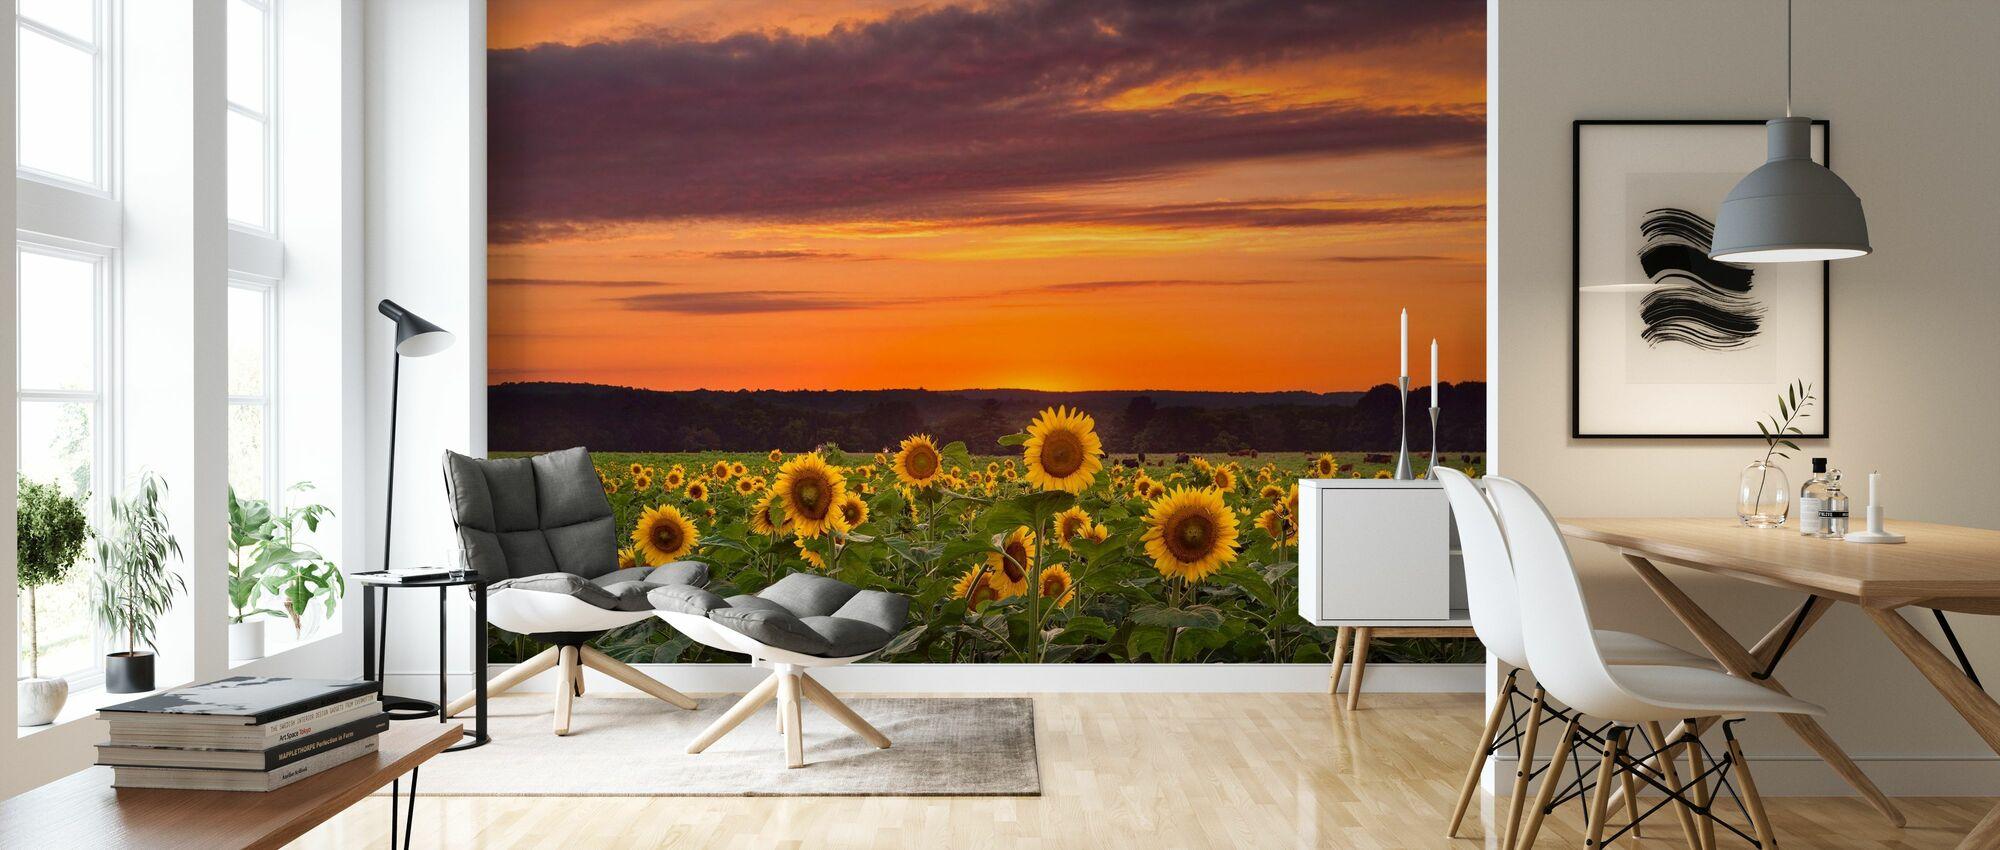 Solnedgang over solsikker - Tapet - Stue